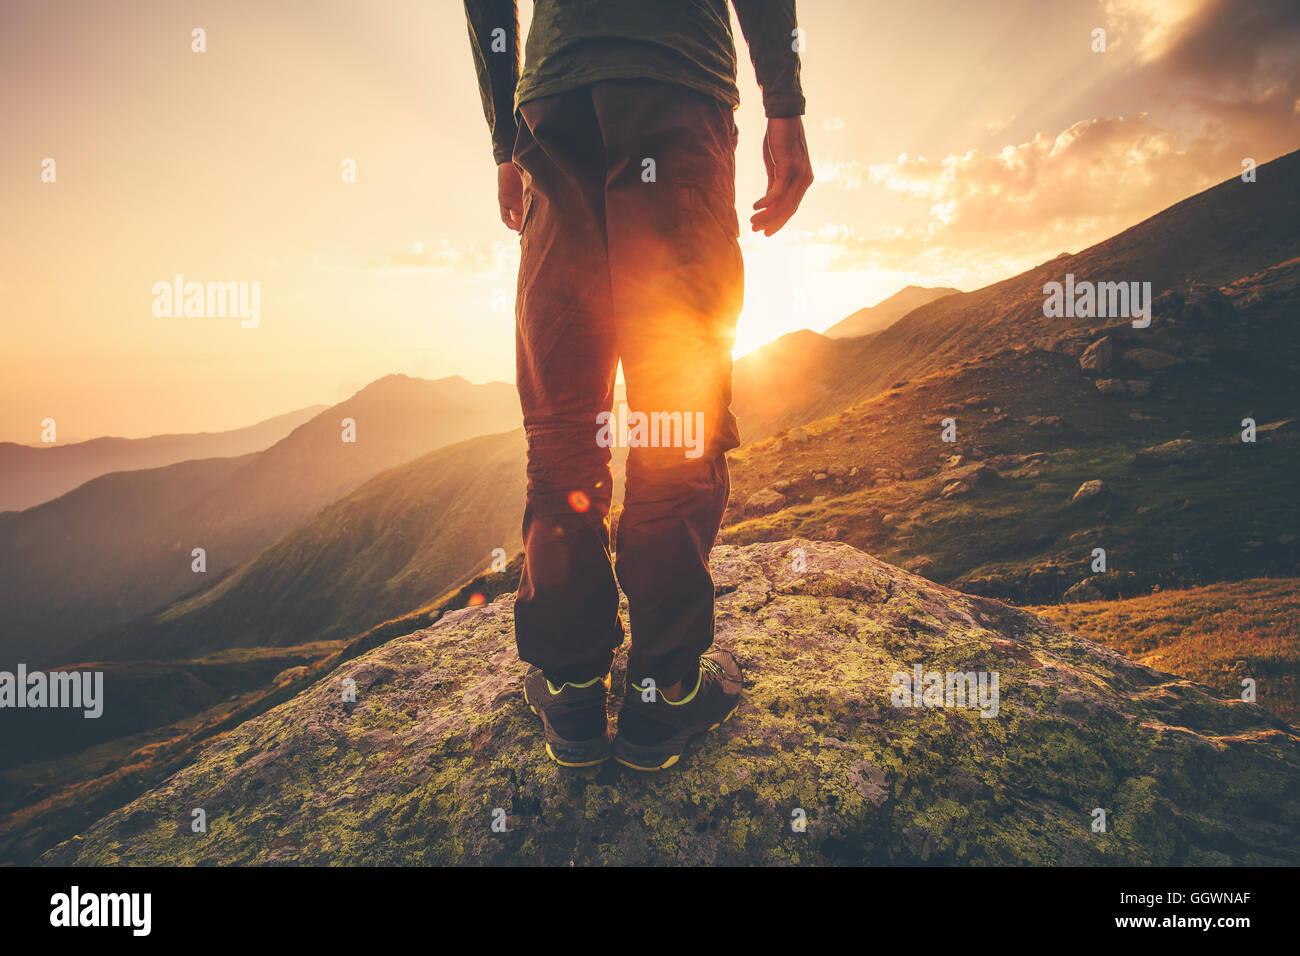 Joven viajero pies pie solo con el atardecer de fondo las montañas sobre el estilo de vida al aire libre Concepto Imagen De Stock